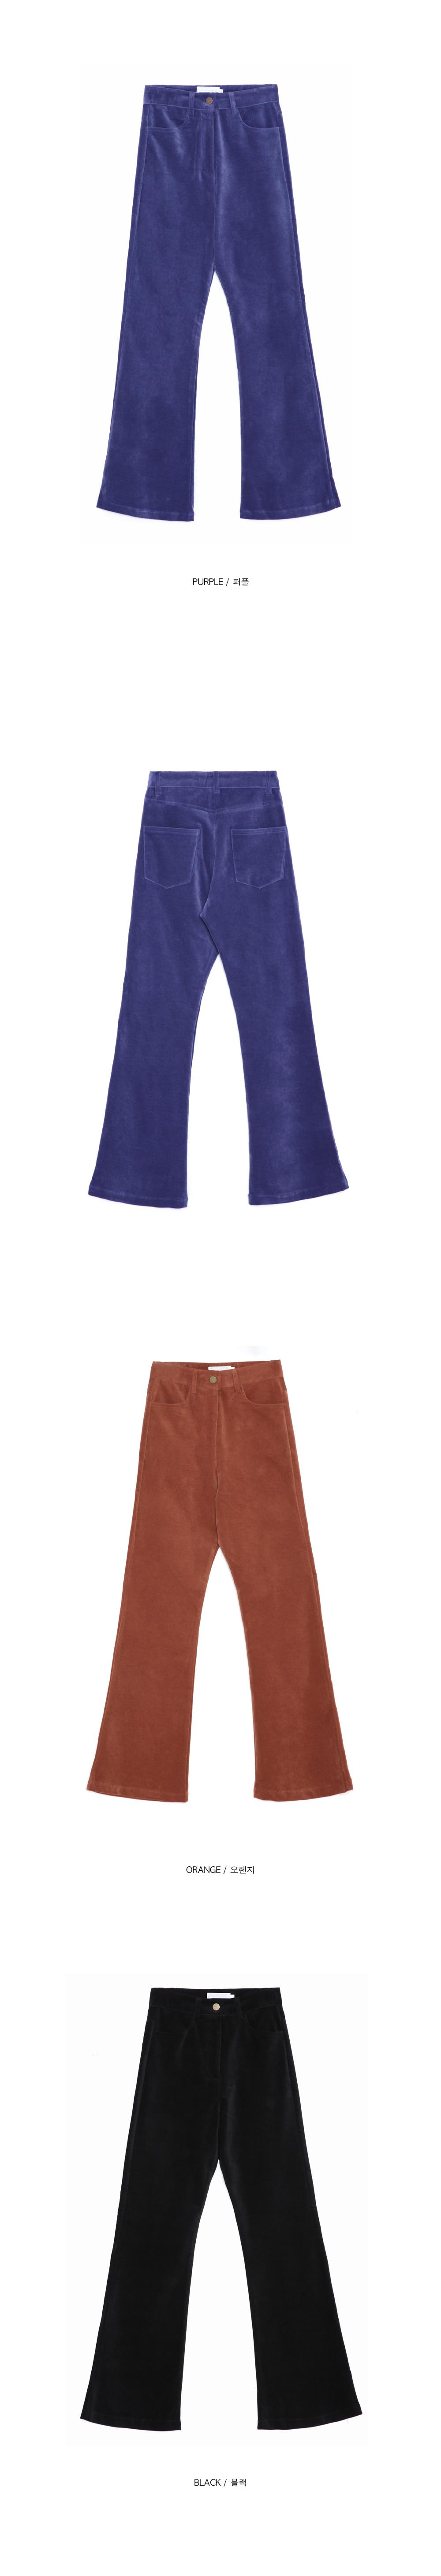 color velvet boots-cut pants - woman